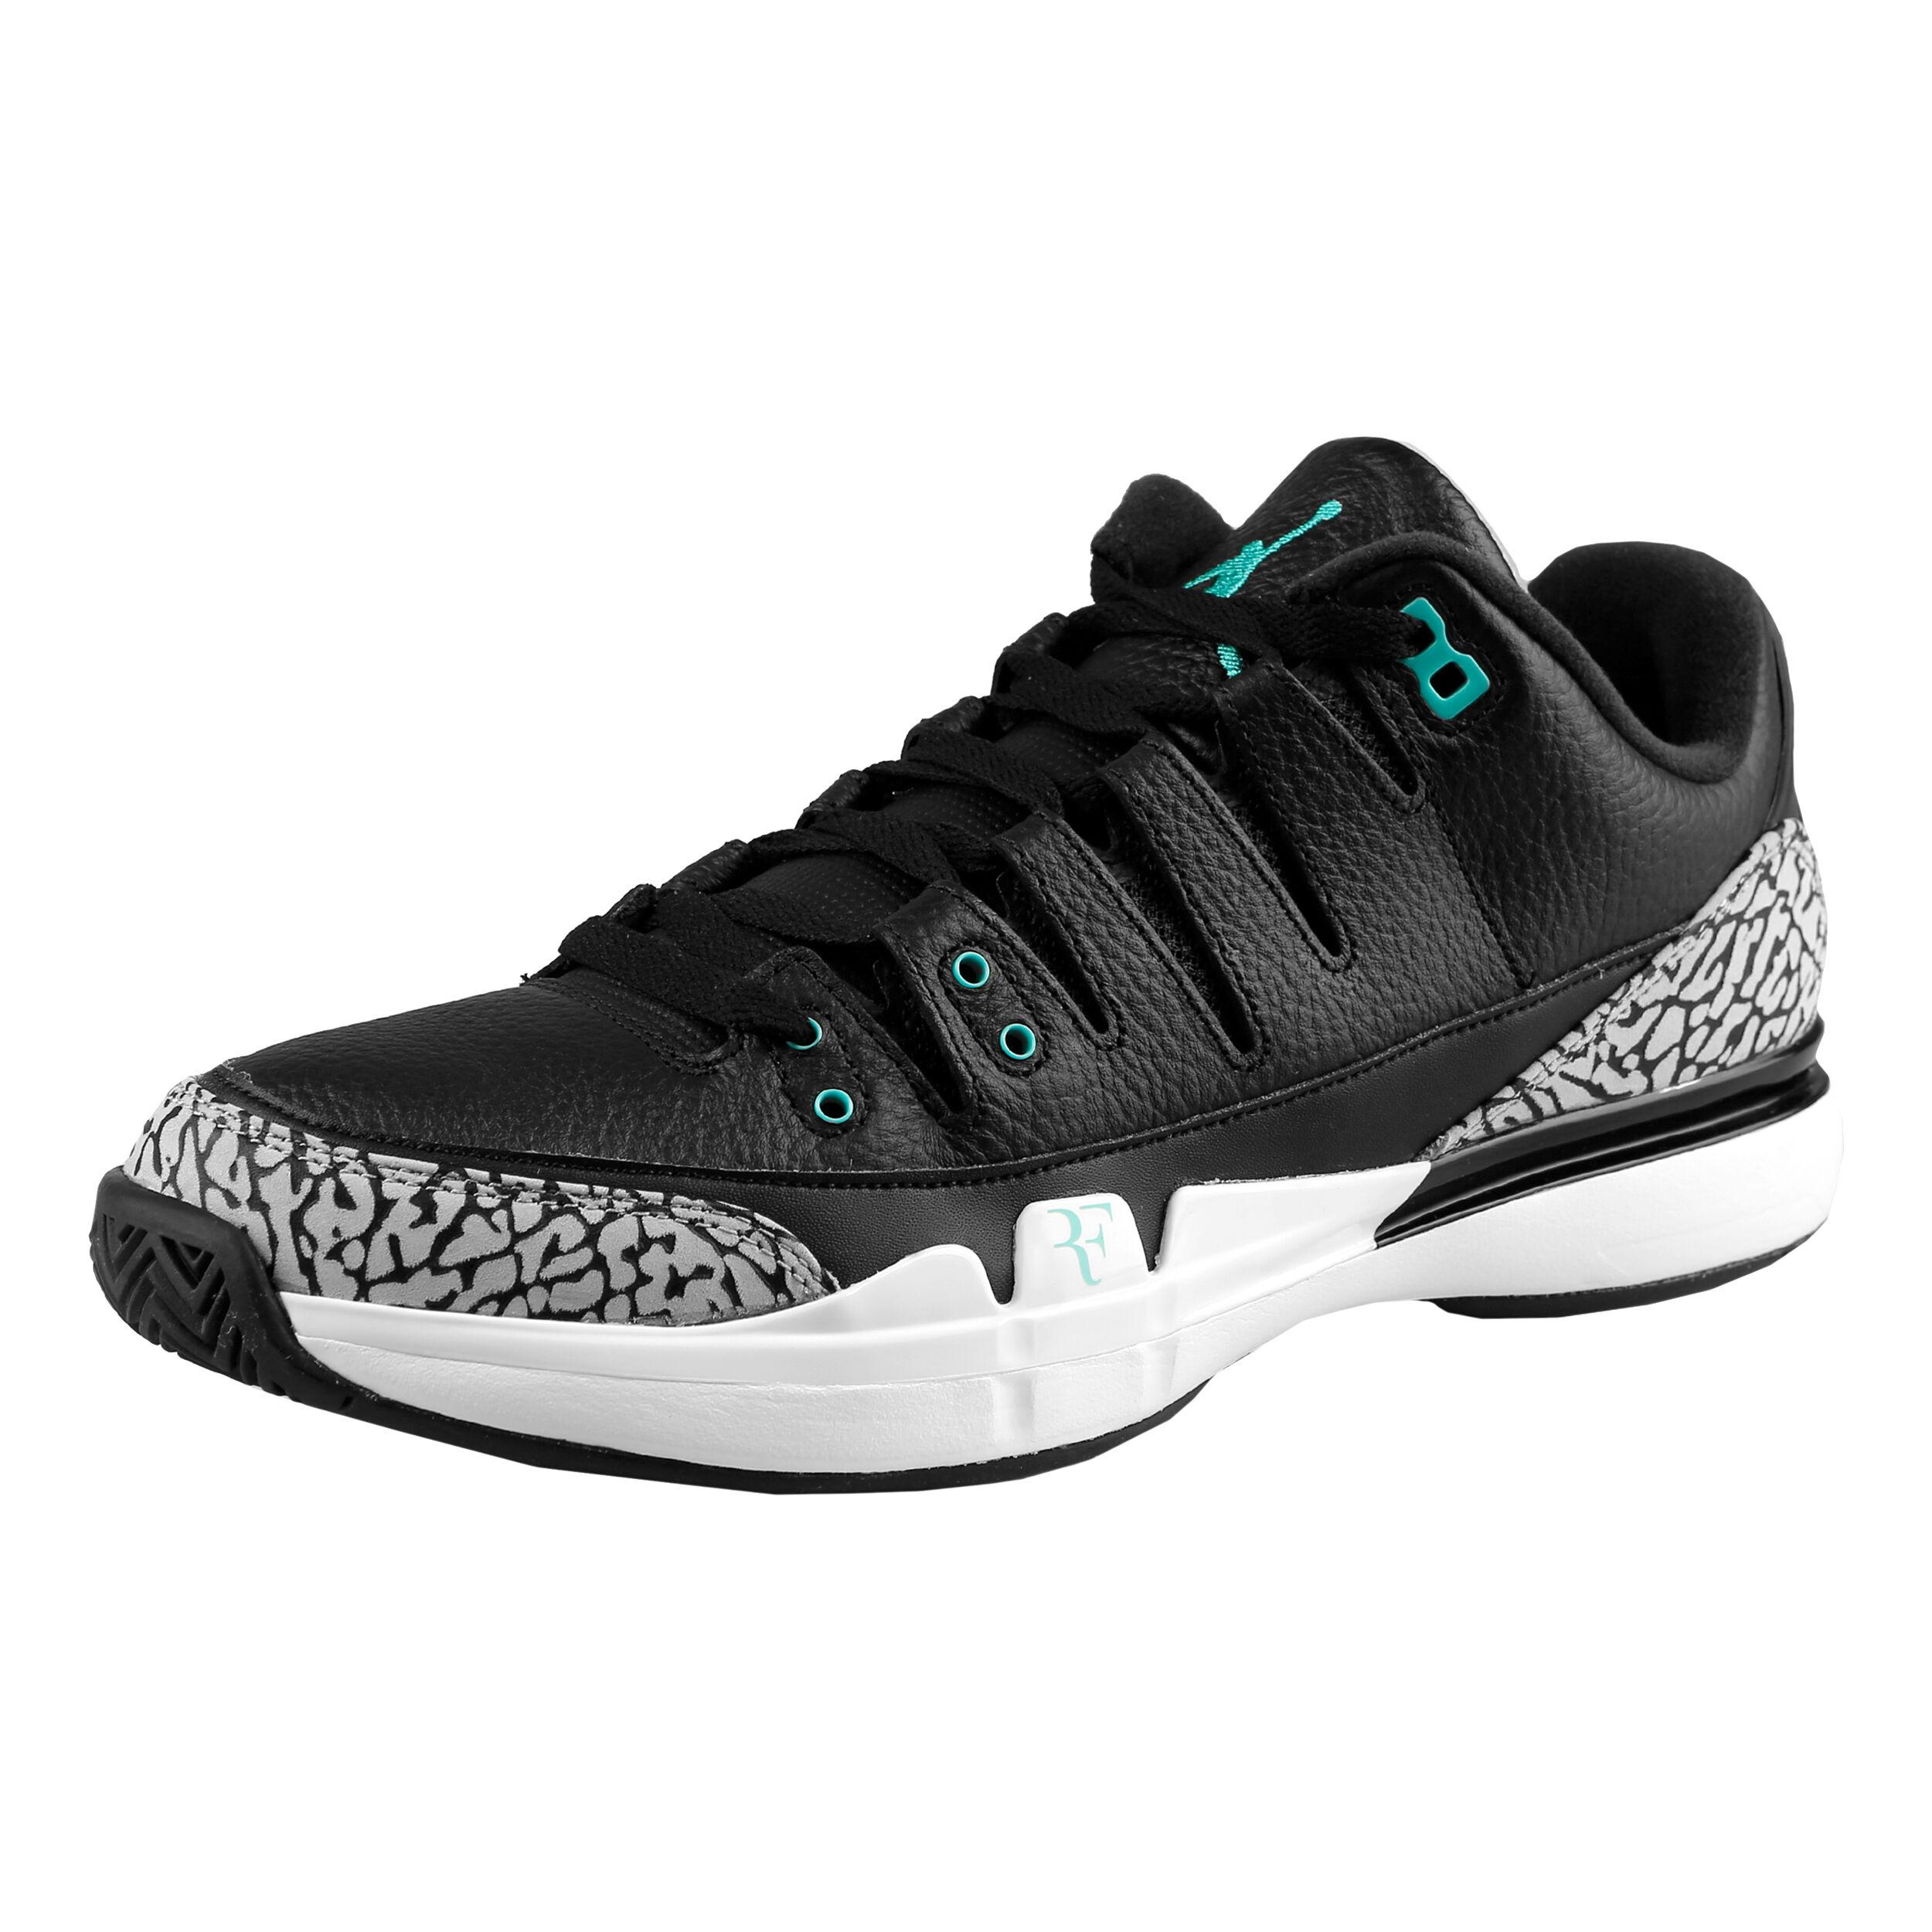 Nike Zoom Air Jordan Vapor Federer Tout Terrain Chaussure Roger 3 7Ybv6fgyI